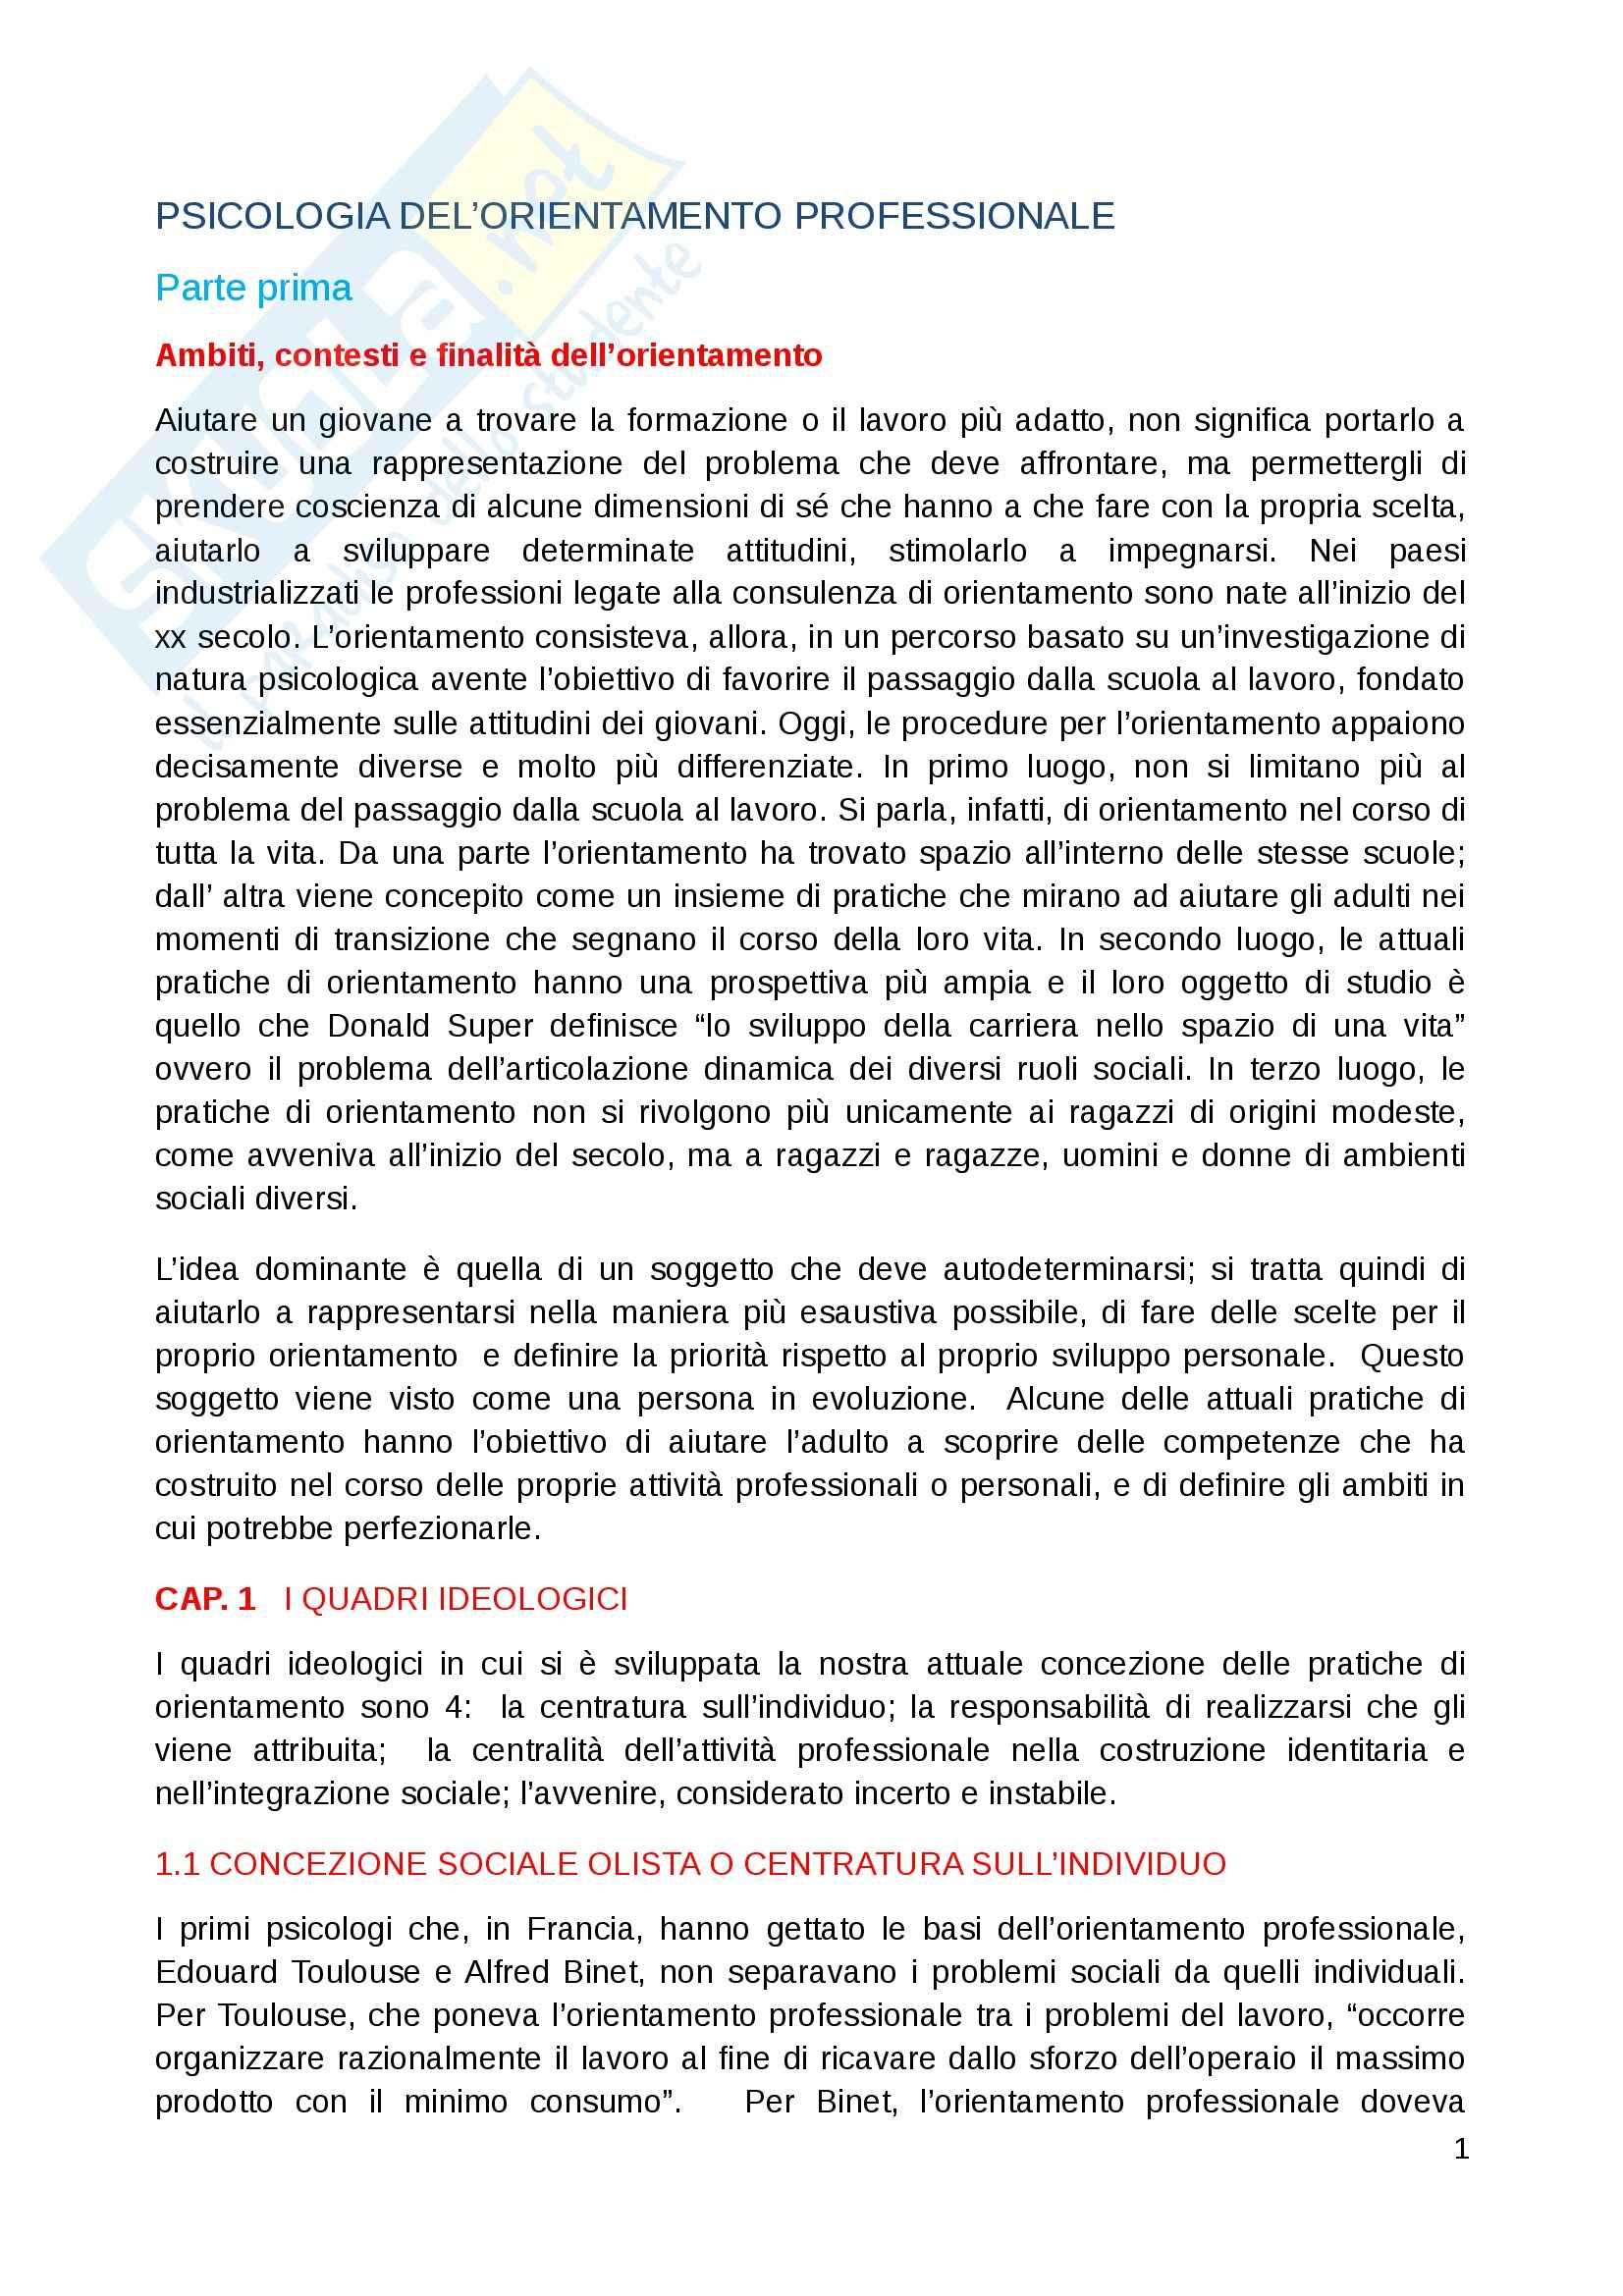 Riassunto esame Psicologia dell orientamento professionale, prof. Murdaca, libro consigliato Psicologia dell'orientamento professionale, Guichard